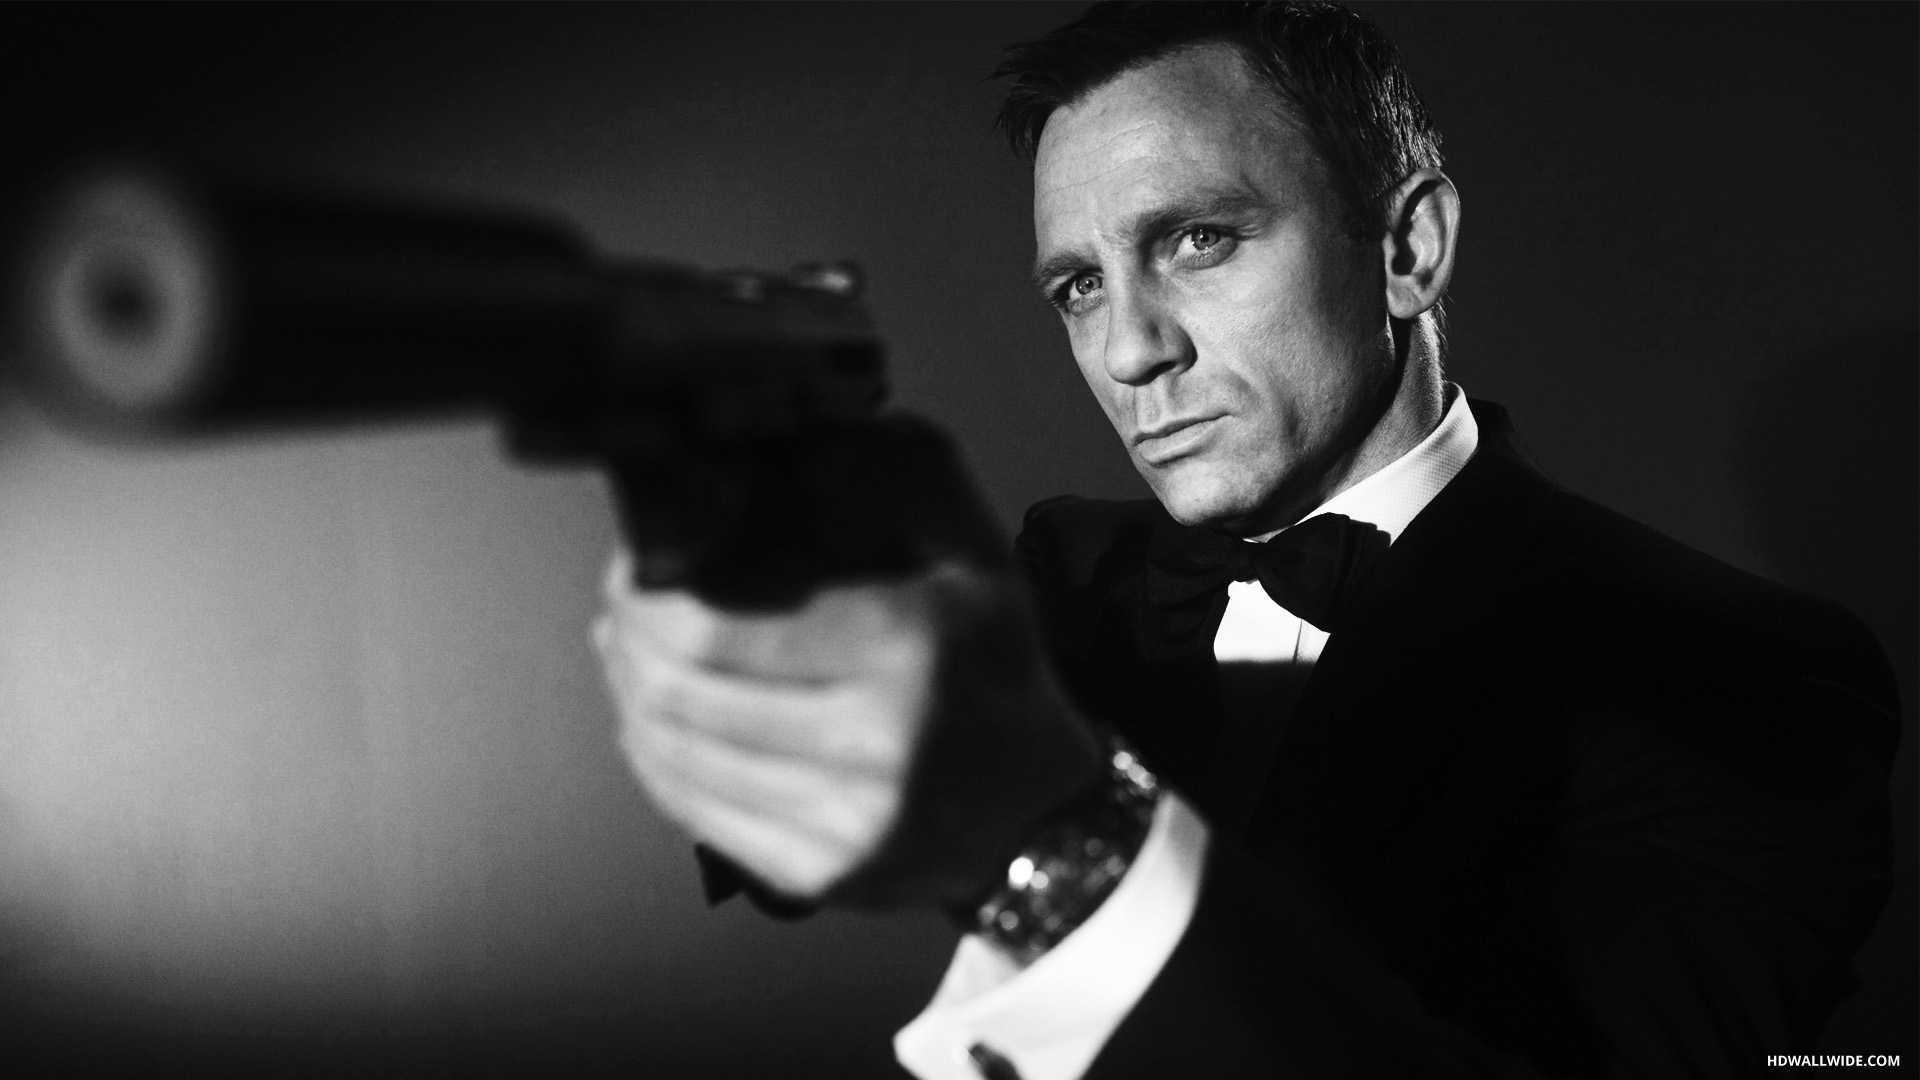 Wallpaper Daniel Craig James Bond HD Wallpaper 1080p Upload at 1920x1080